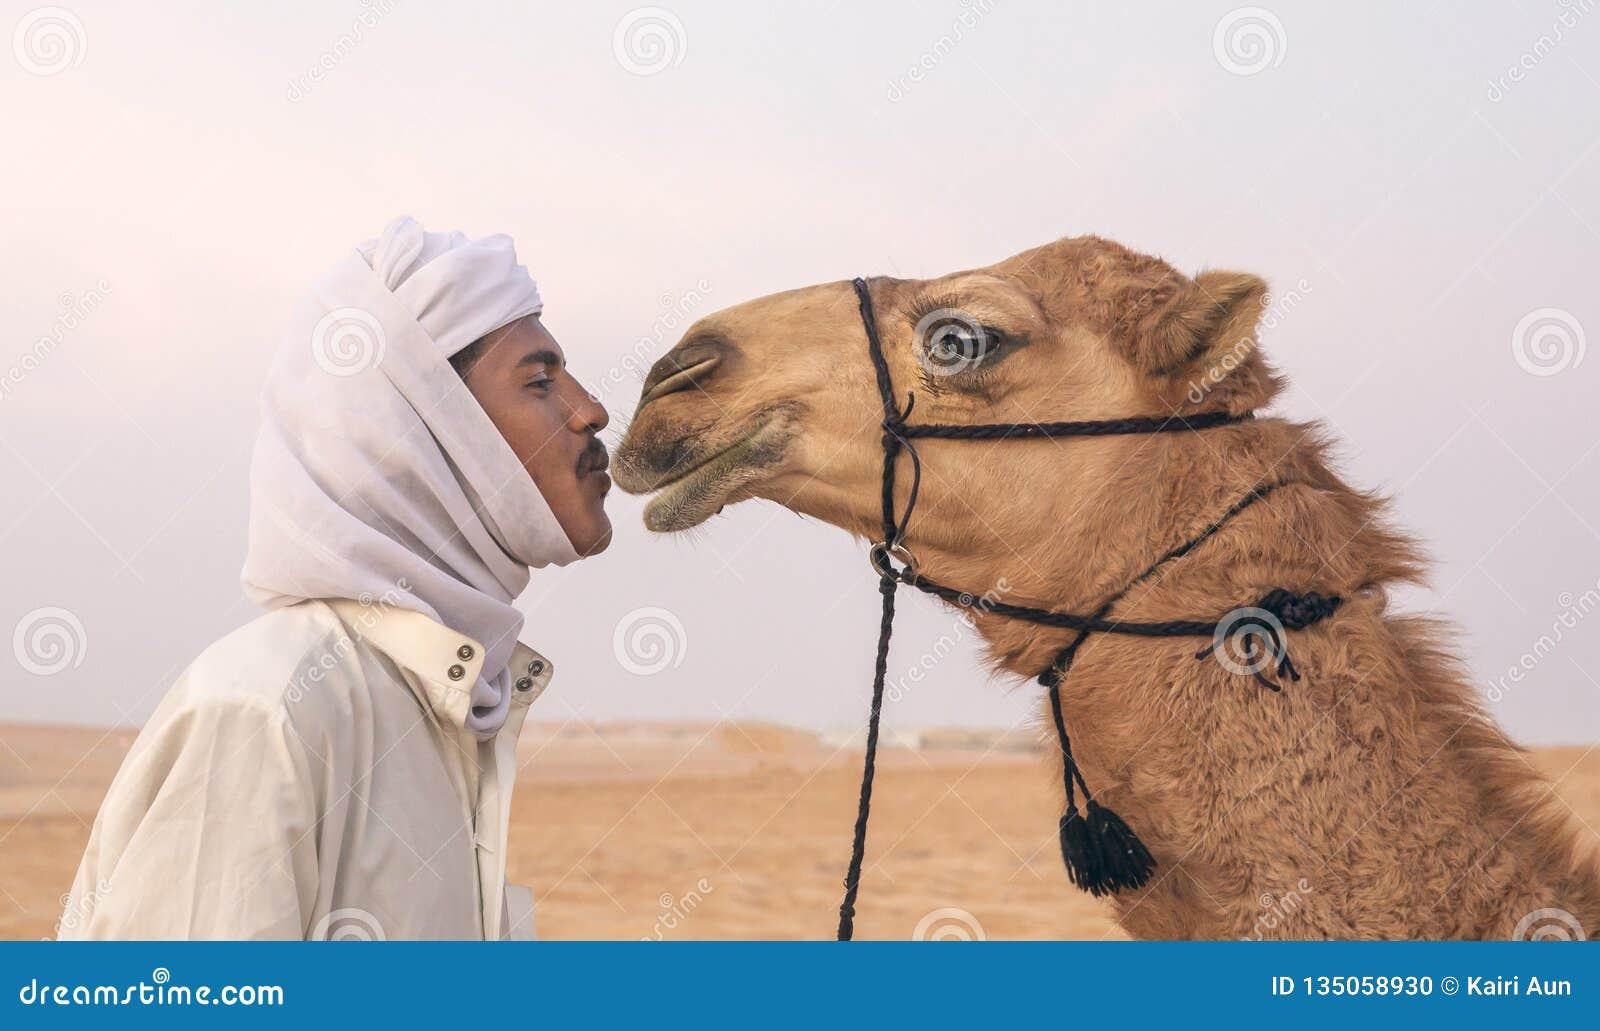 Homme bédouin embrassant son chameau